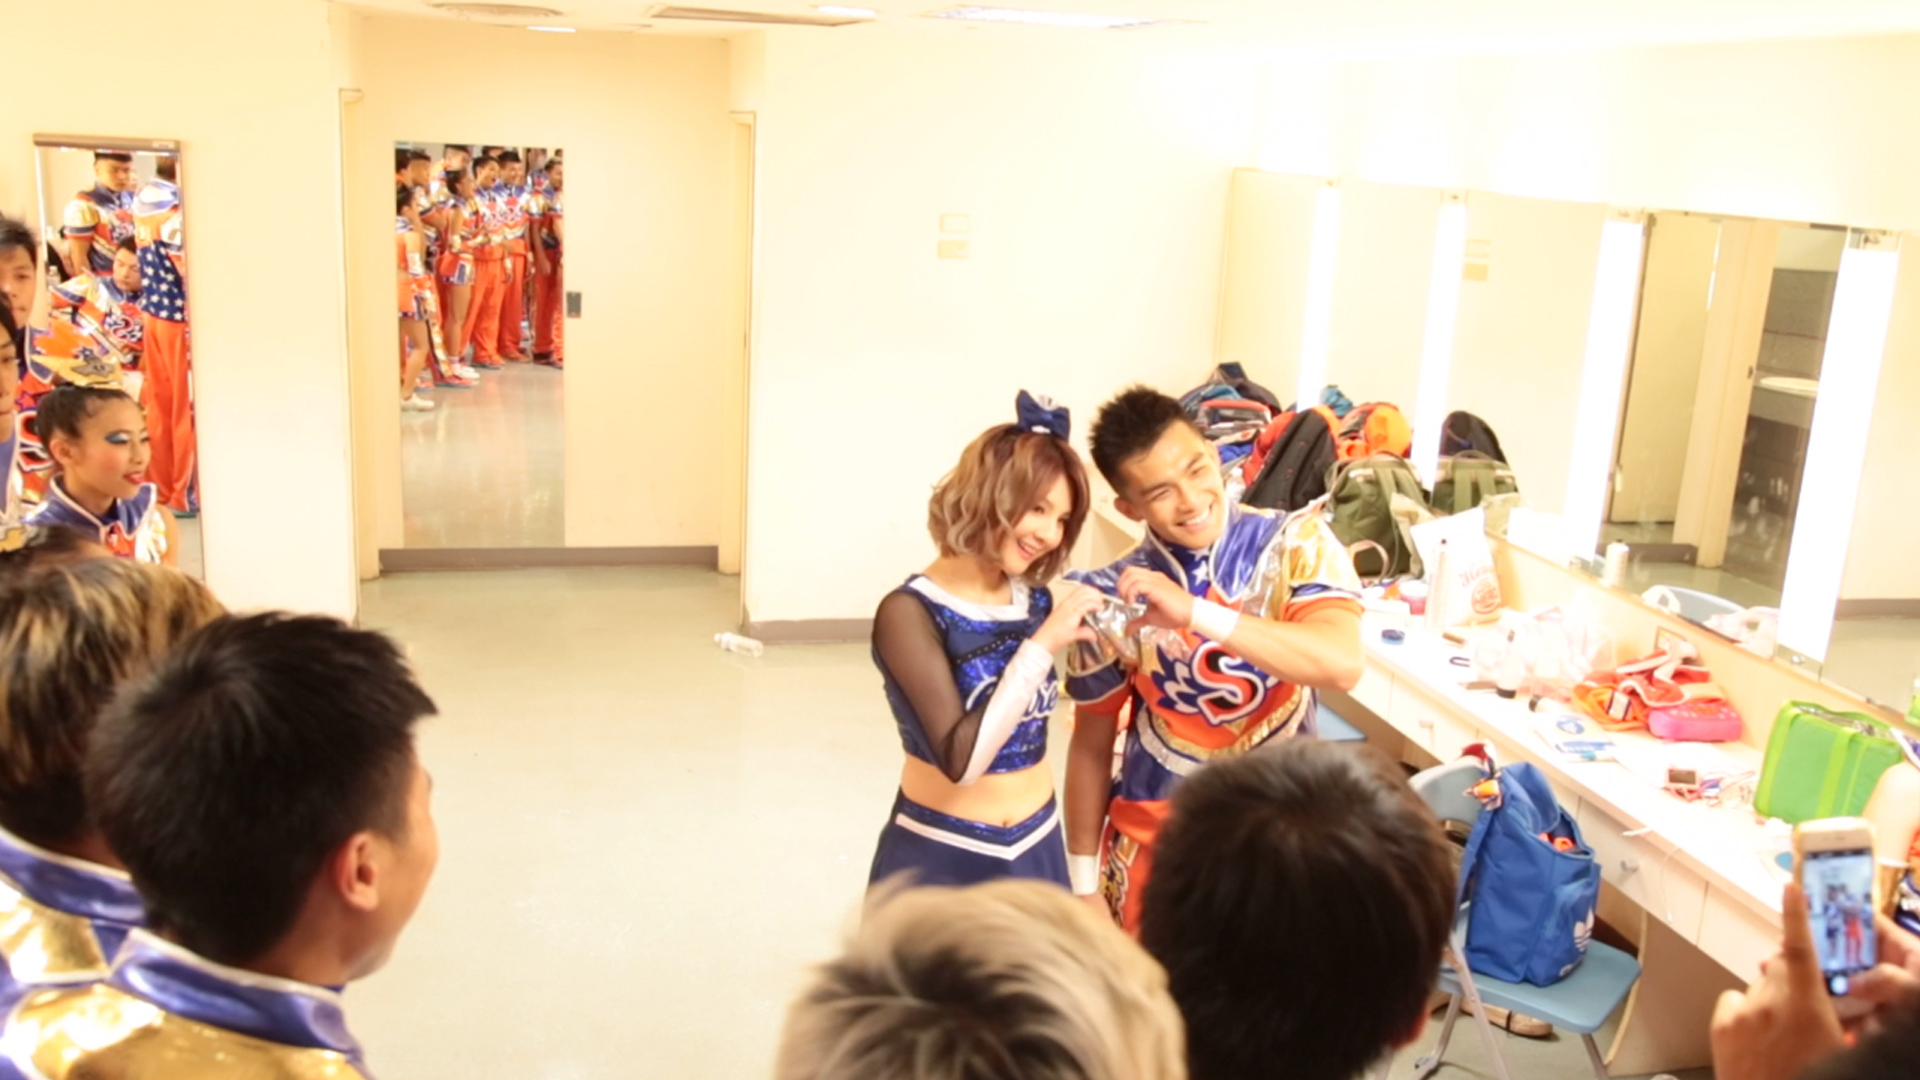 世新競技啦啦隊的隊員輪流與學姊郭靜合照.jpg